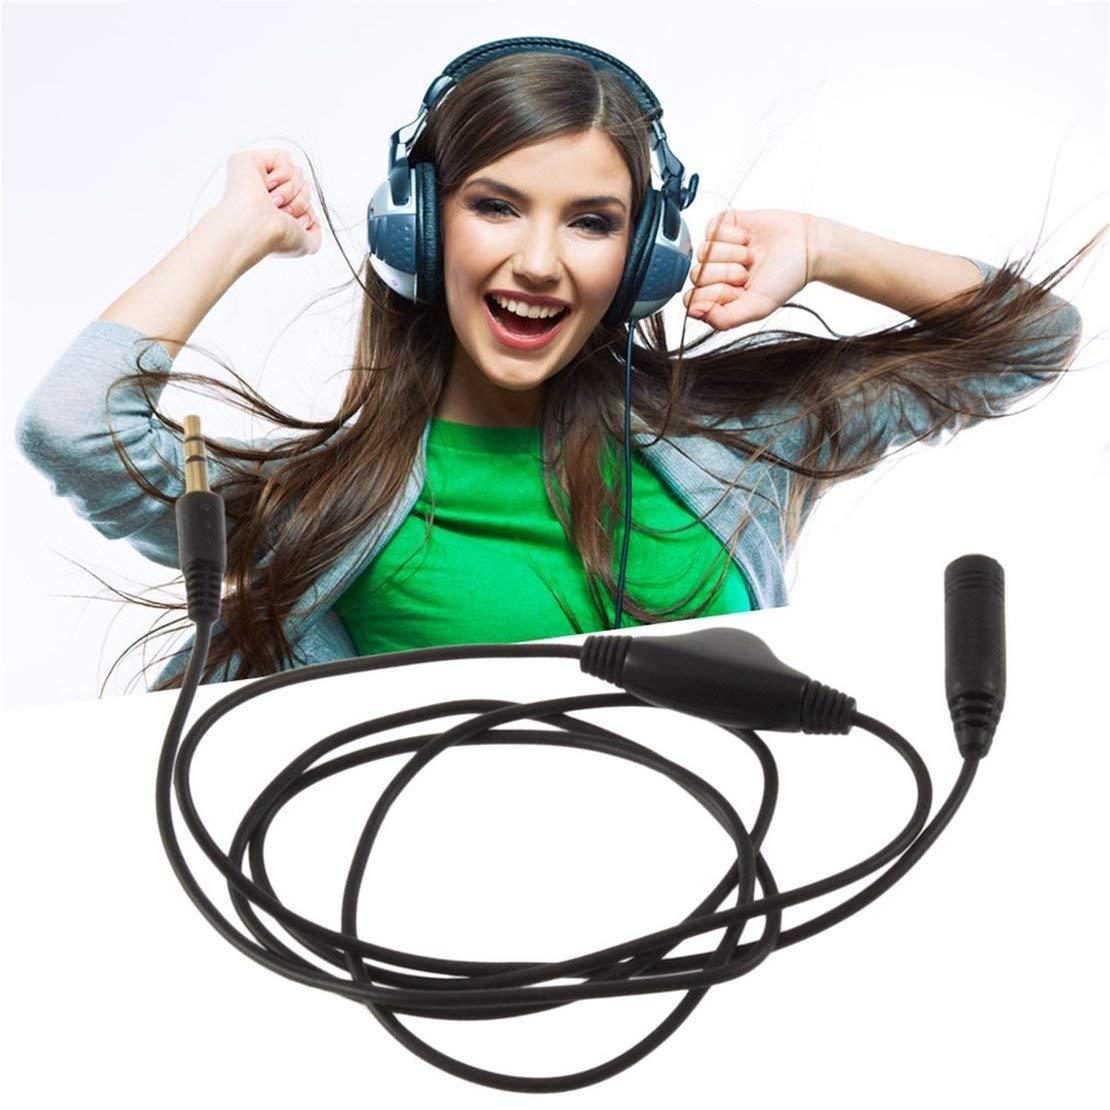 Cavo di prolunga audio da 3,5 mm M//F 1M per cuffie stereo con controllo del volume per microfoni per altoparlanti stereo per cuffie